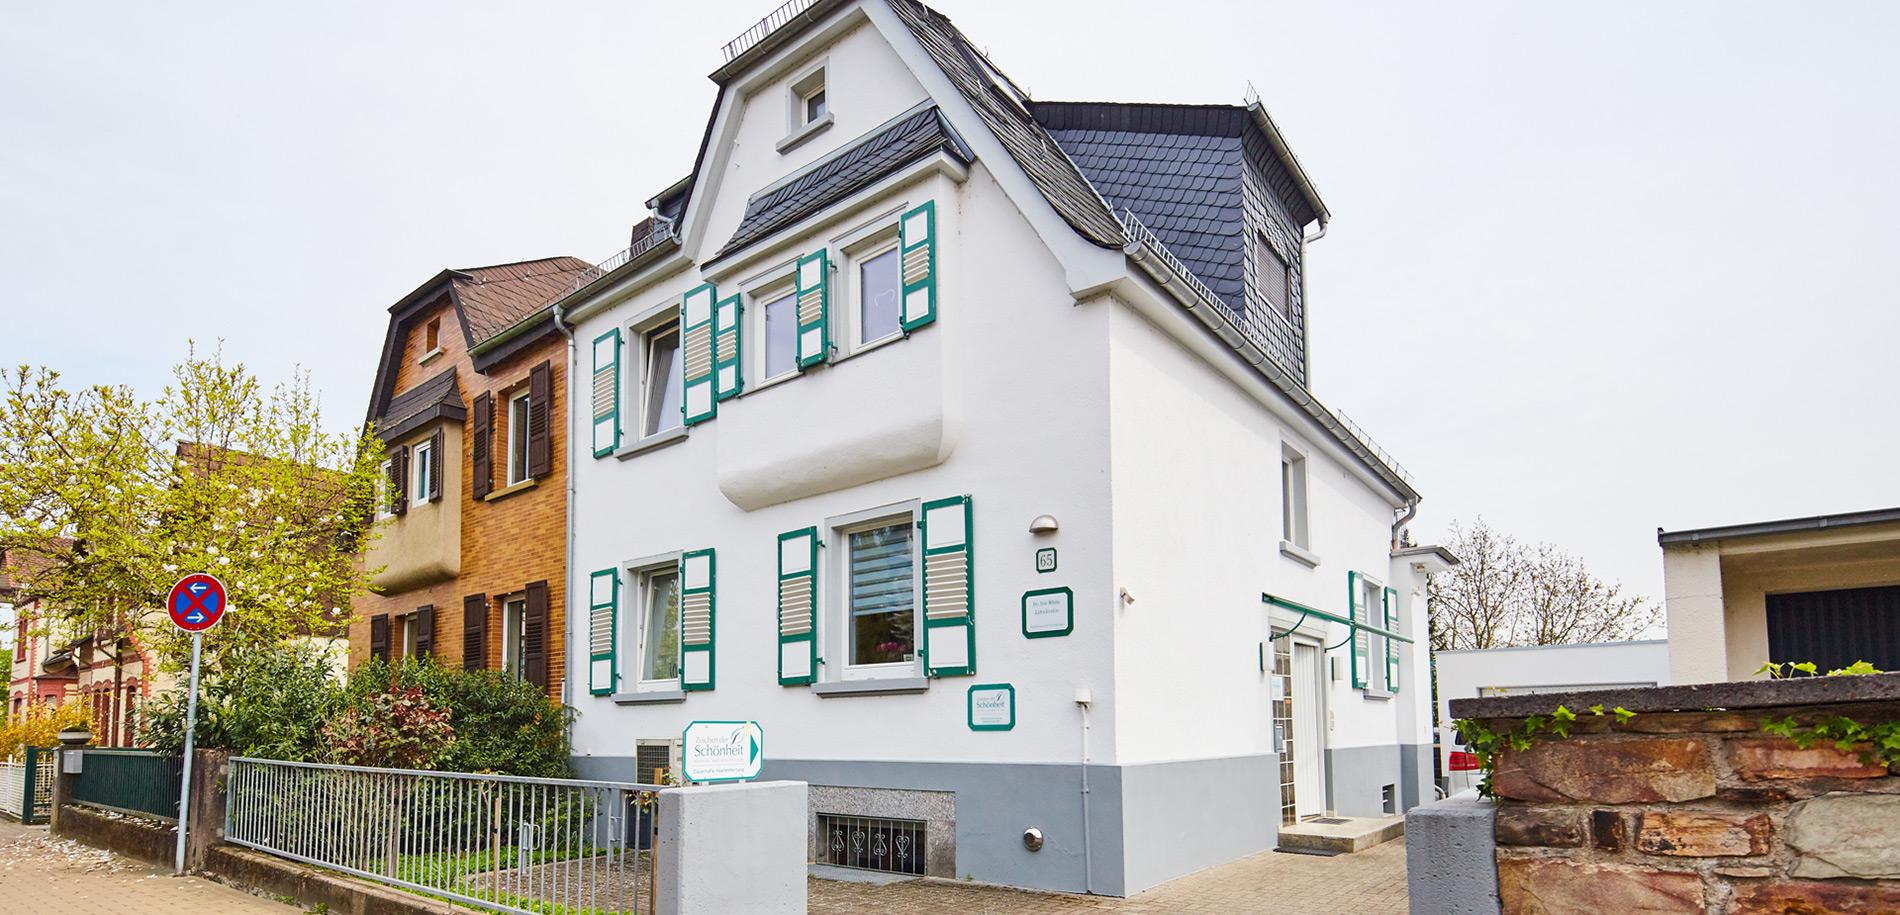 Zahnarztpraxis  Zahnrhein in Walluf - Wir sind eine Ausbildungspraxis 1